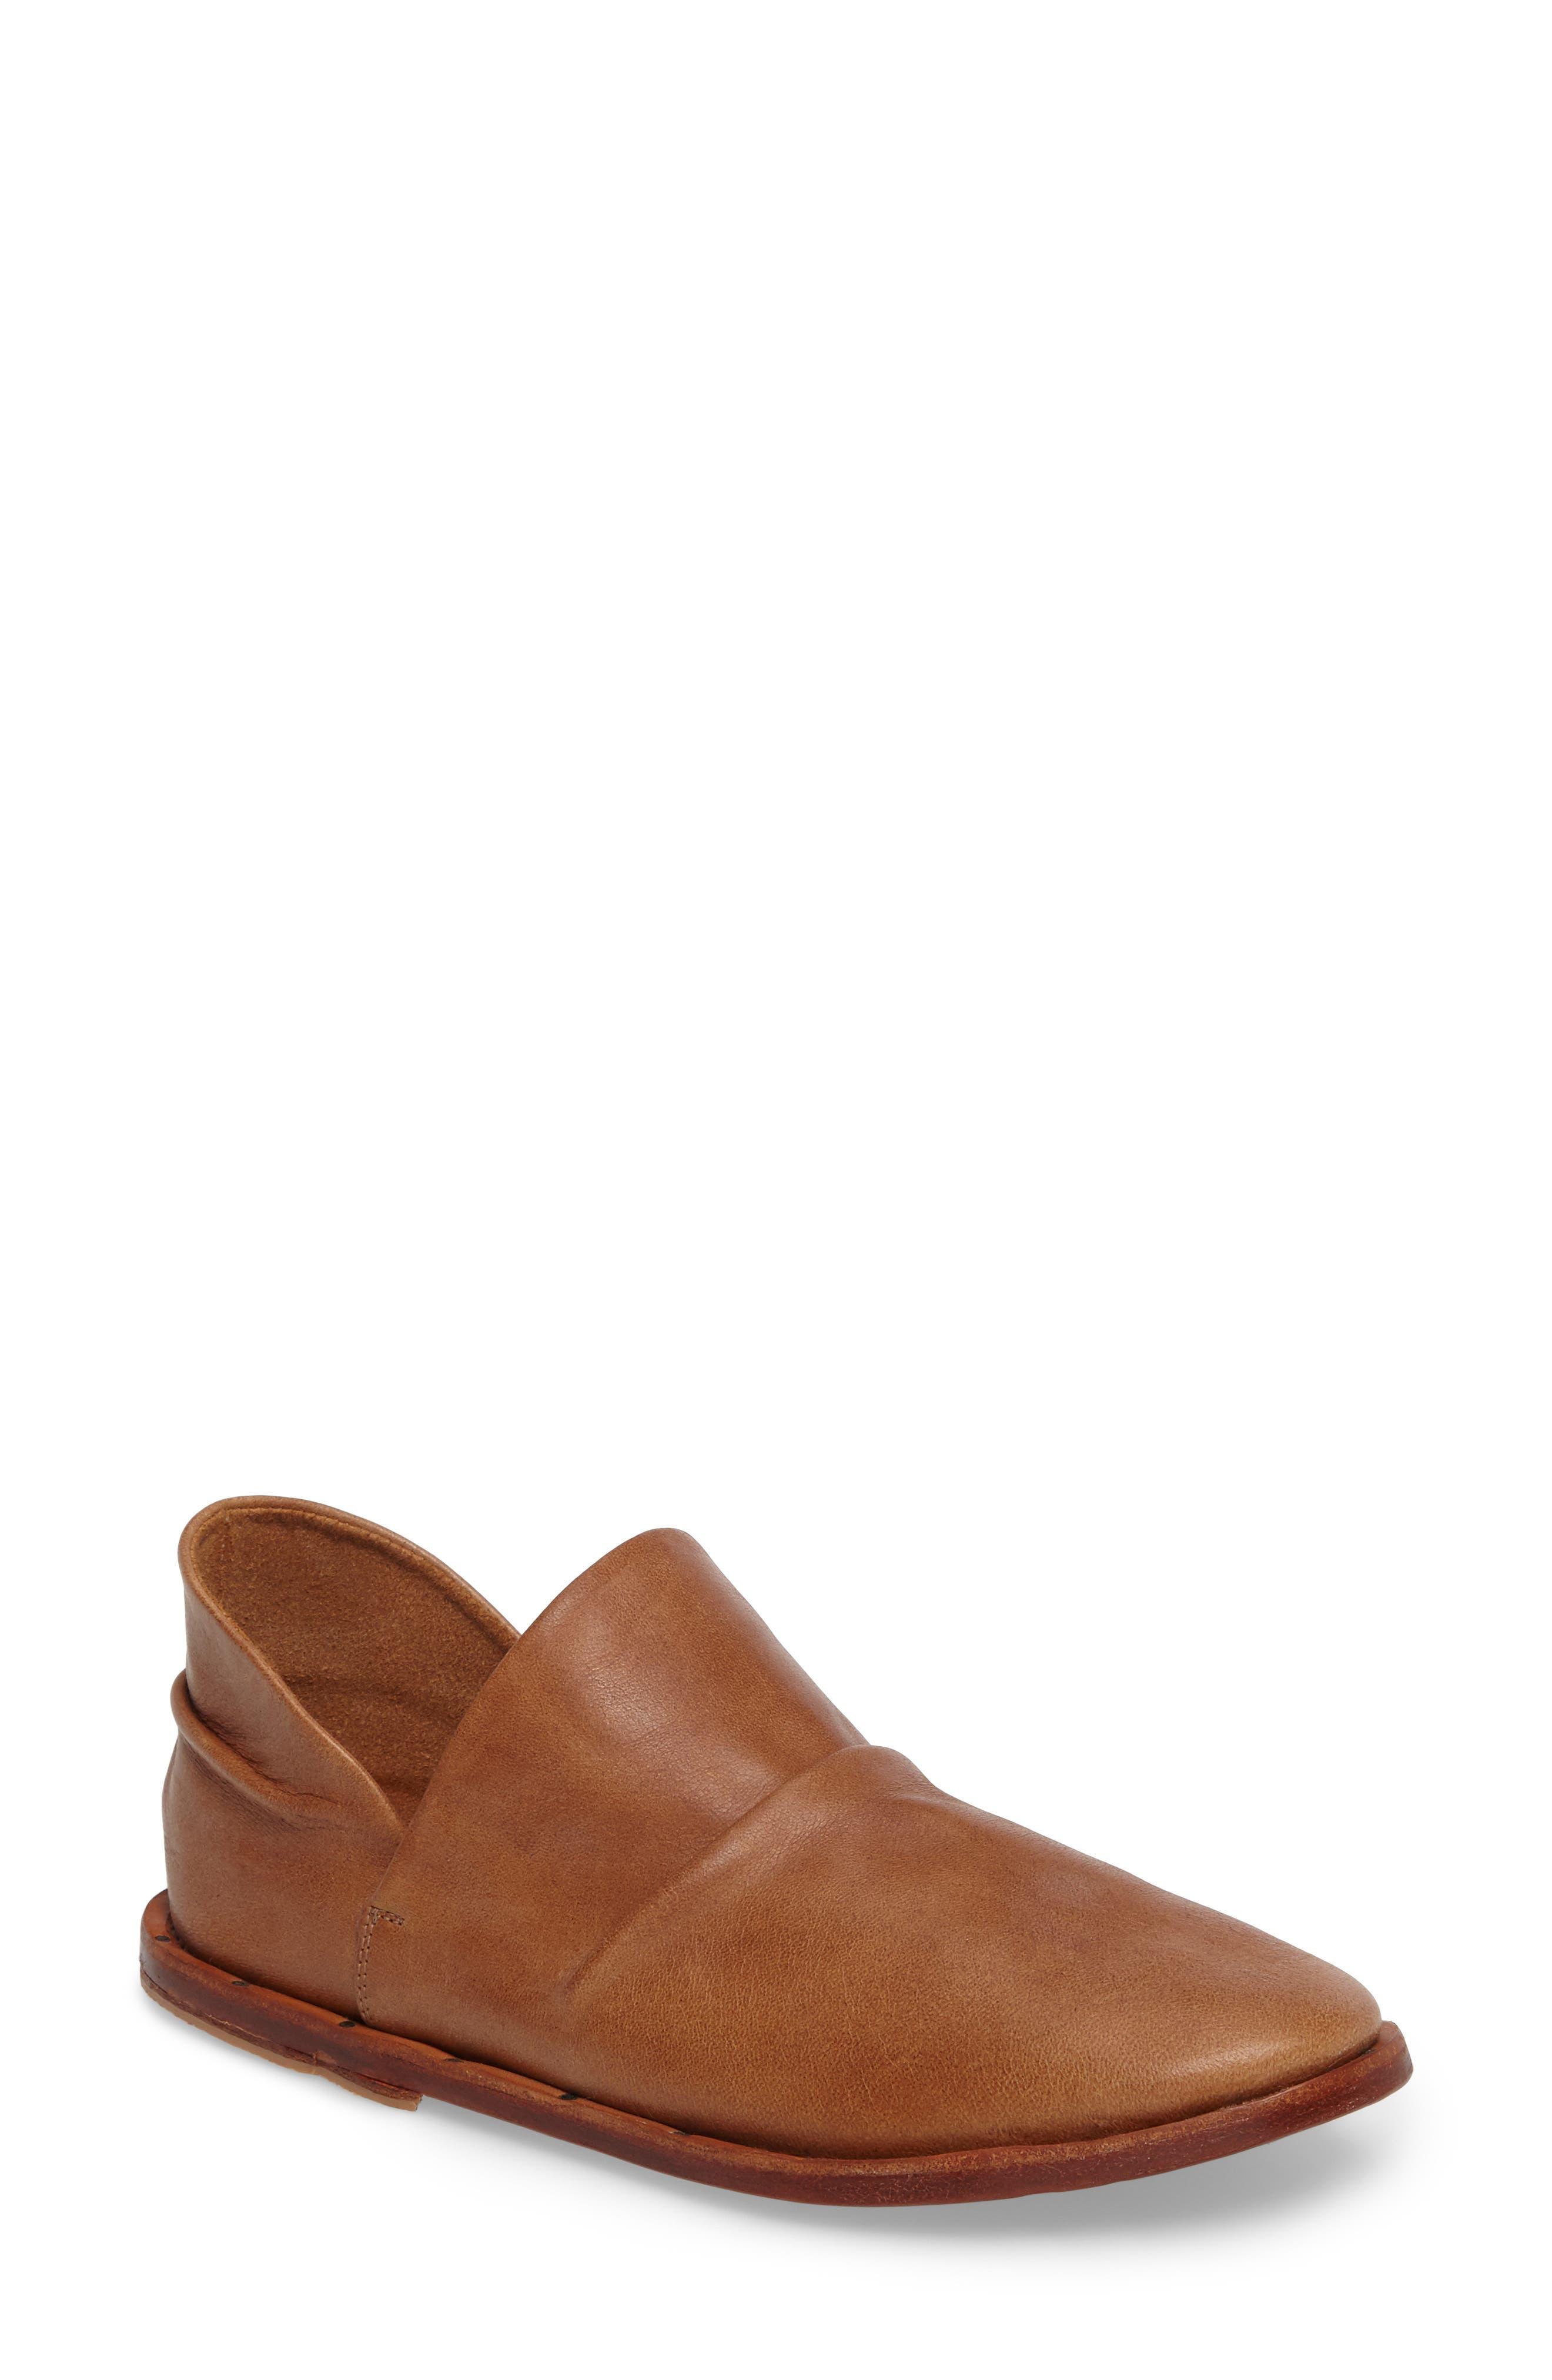 Puffin Loafer,                         Main,                         color, VINTAGE SADDLE